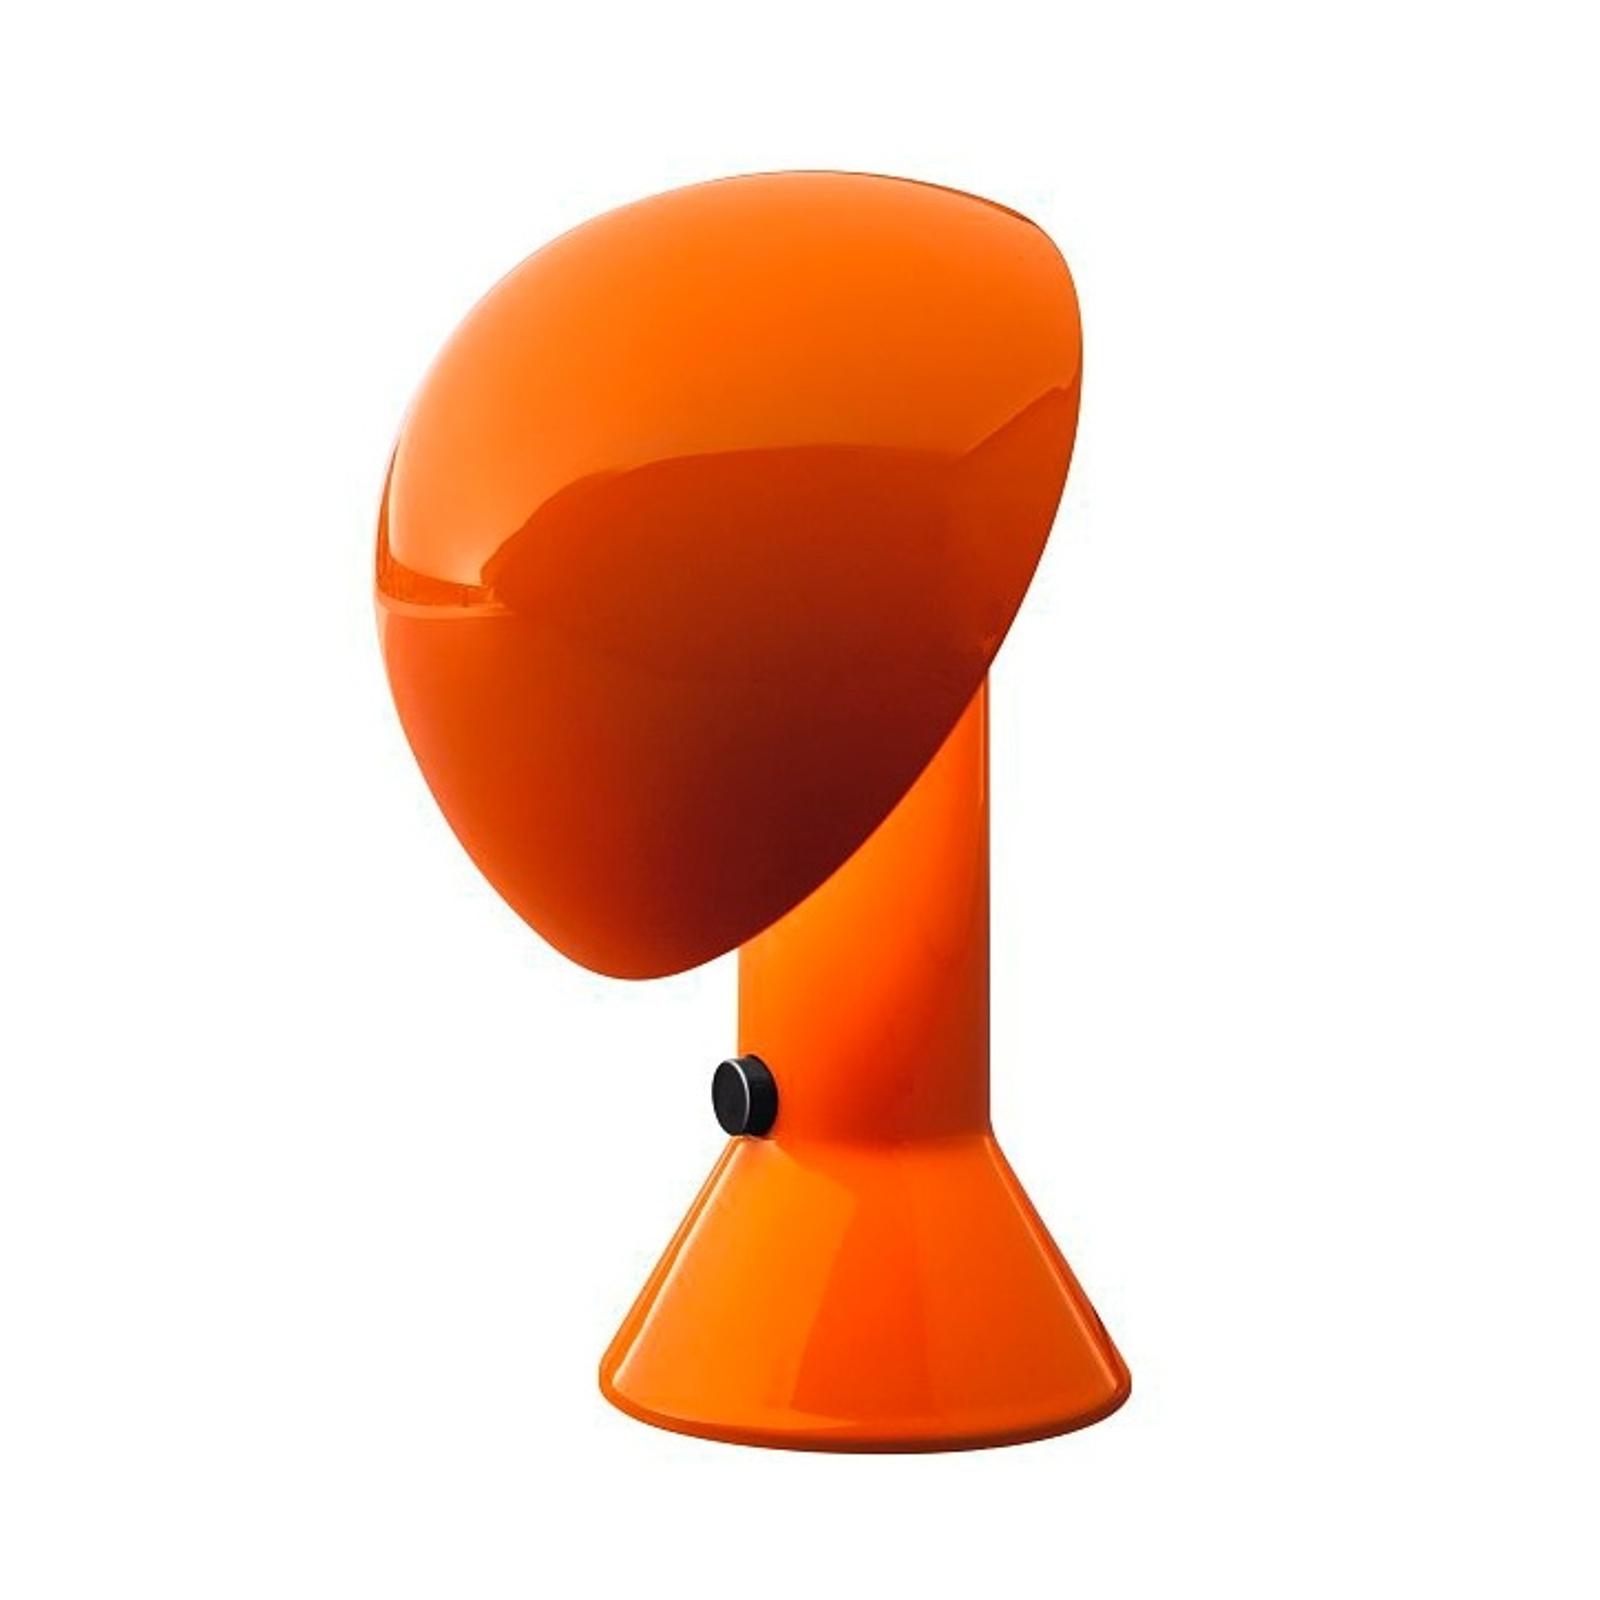 Martinelli Luce Elmetto - Tischleuchte, orange